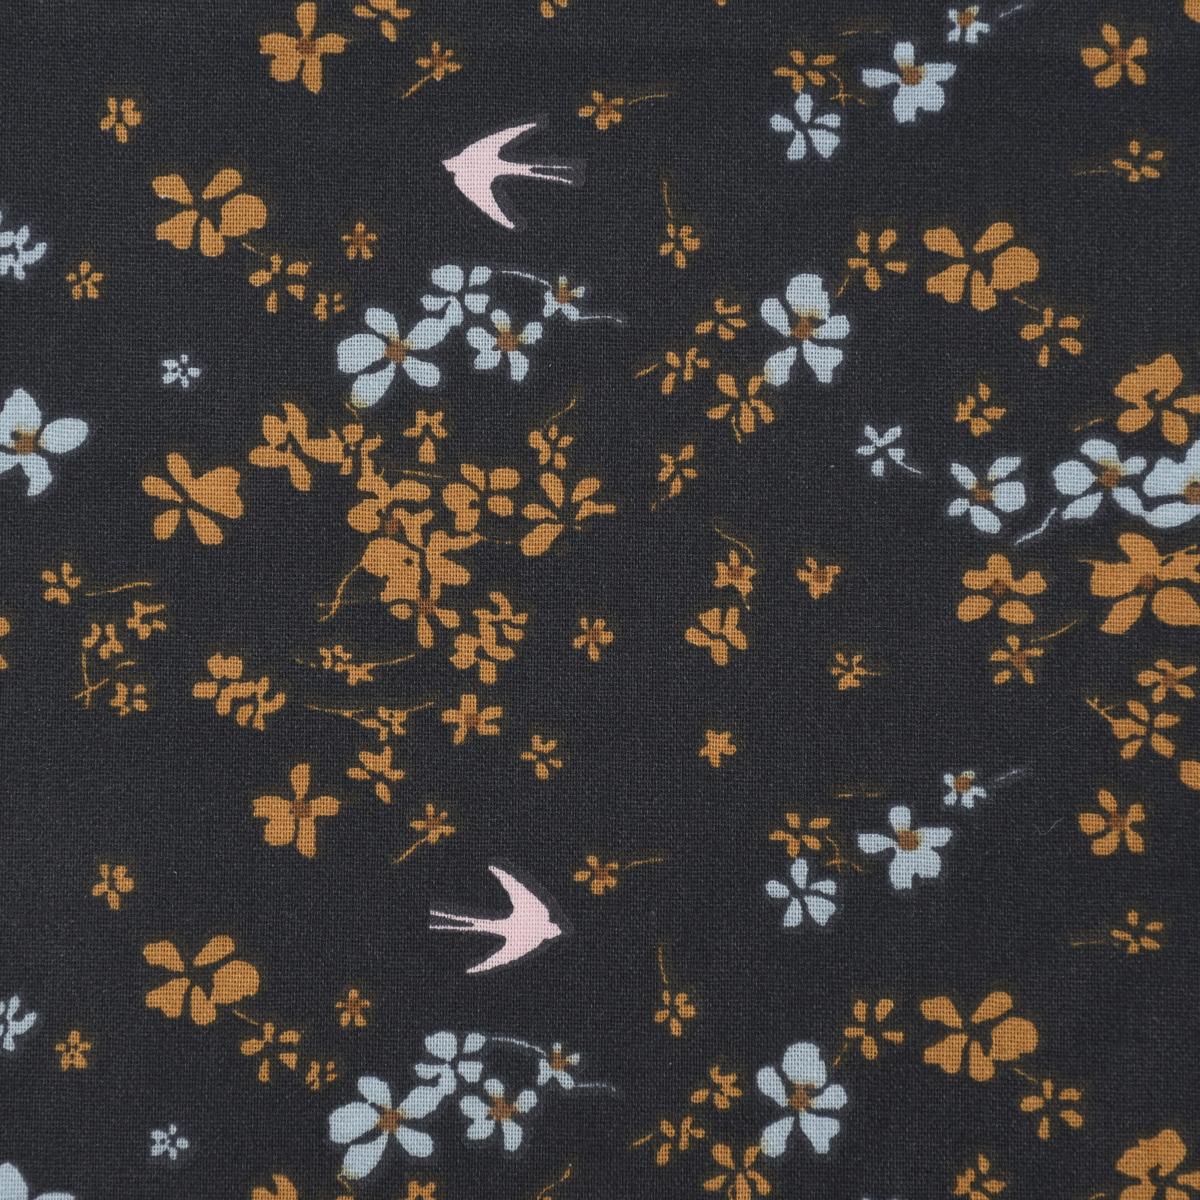 Baumwollstoff SHIMA Blumen Schwalben dunkelgrau hellblau ocker 1,50m Breite